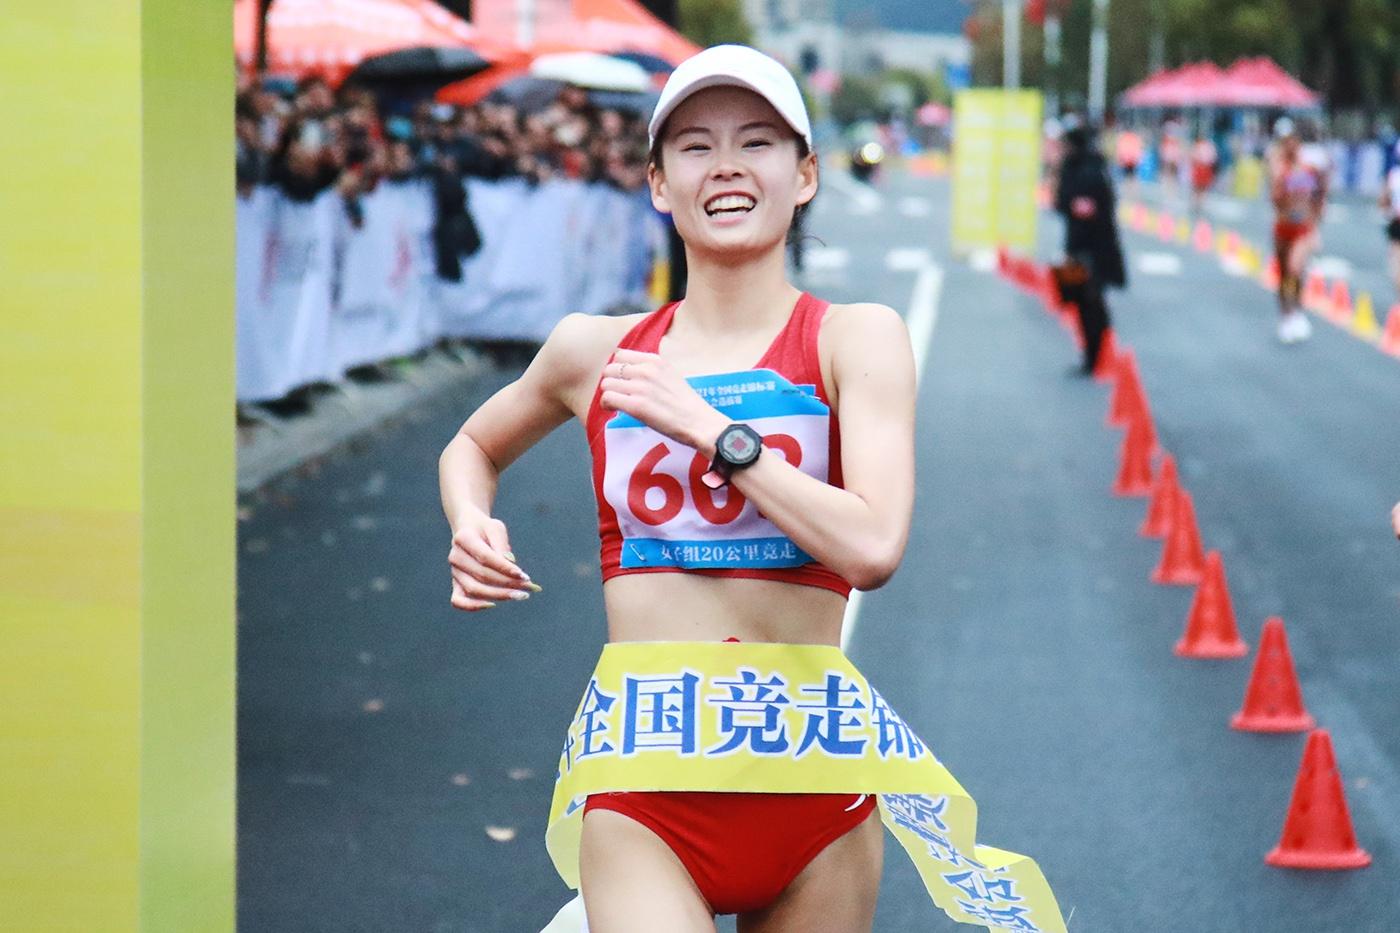 打破世界纪录,锁定奥运资格,杨家玉期待东京奥运会再突破